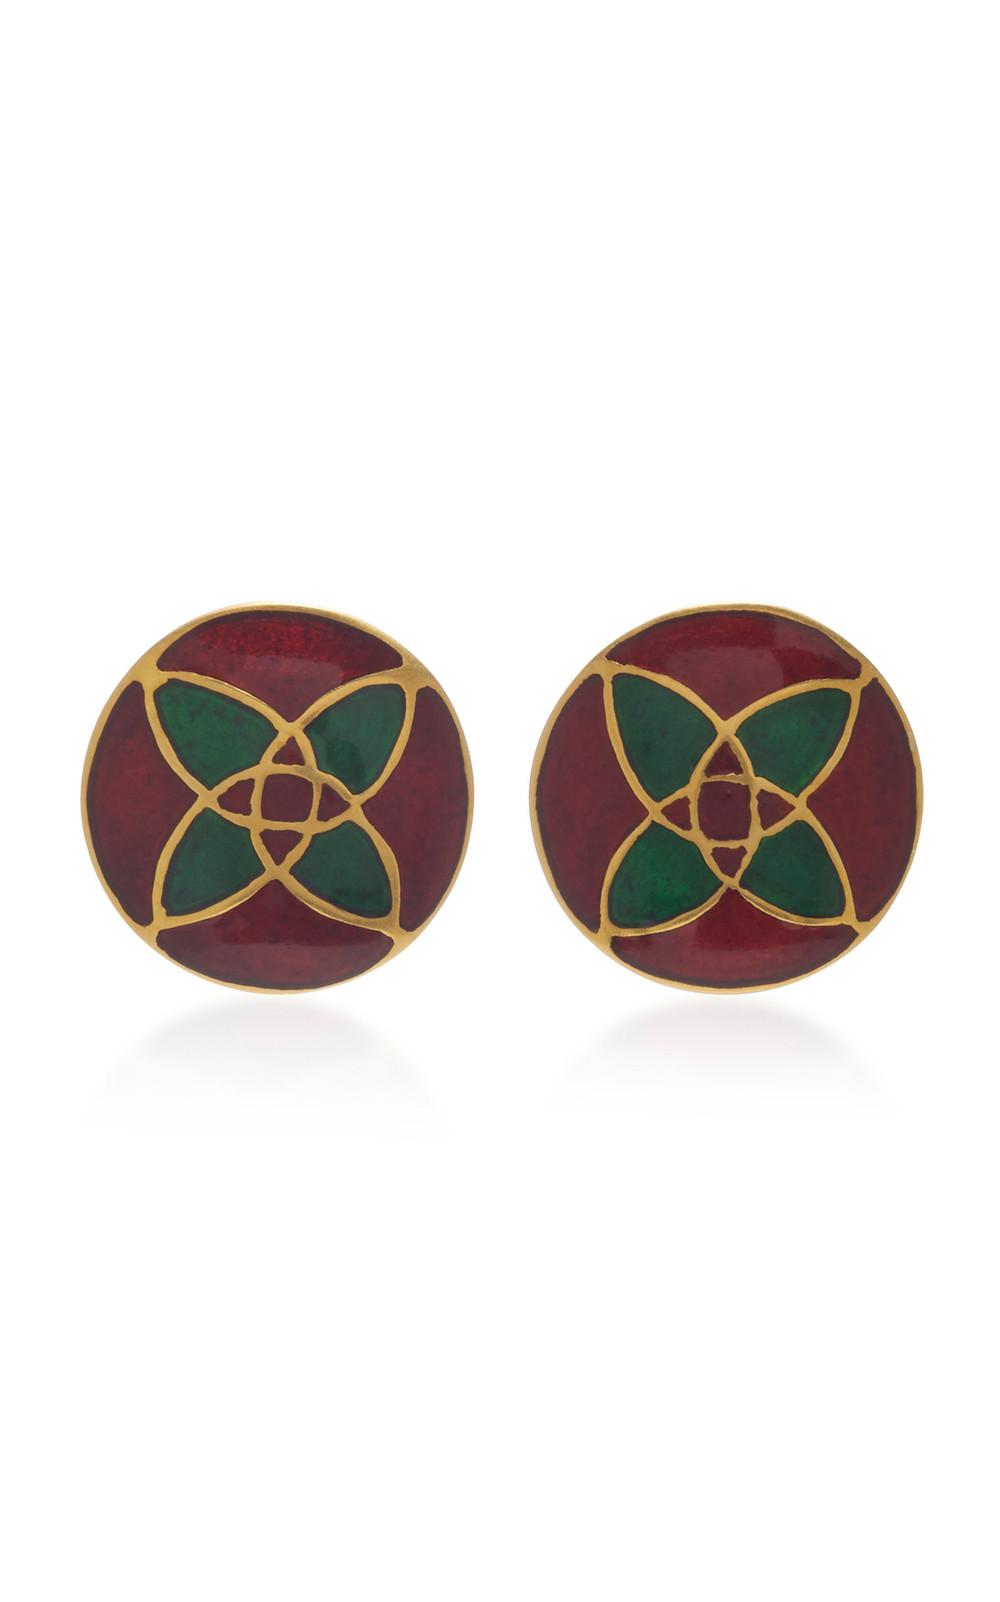 Amrapali 18K Gold and Enamel Earrings in red